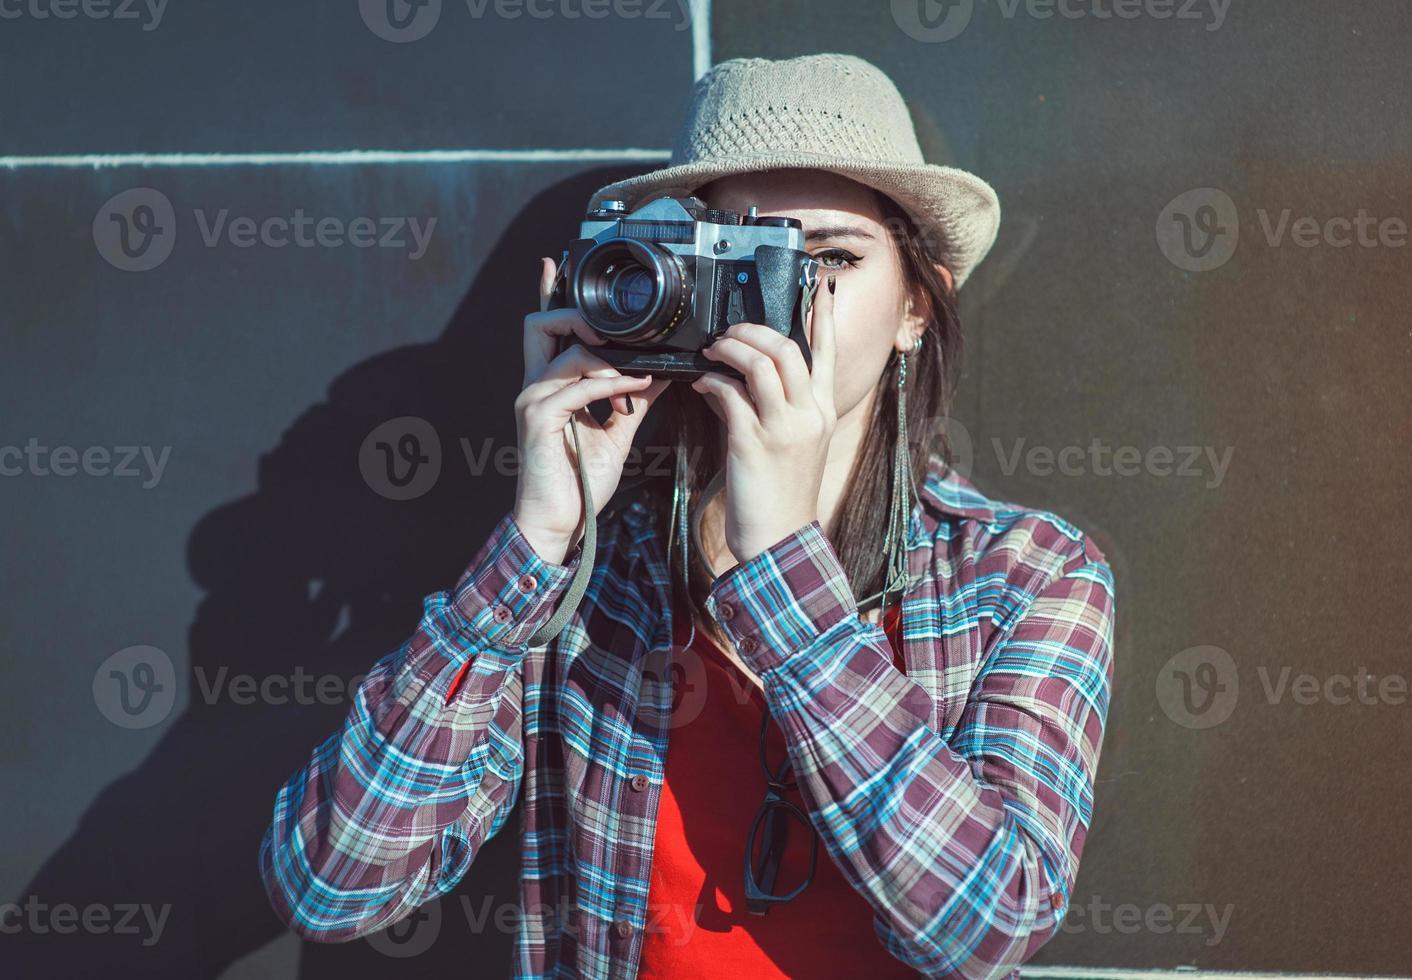 mooie hipster meisje in hoed foto maken met retro camera